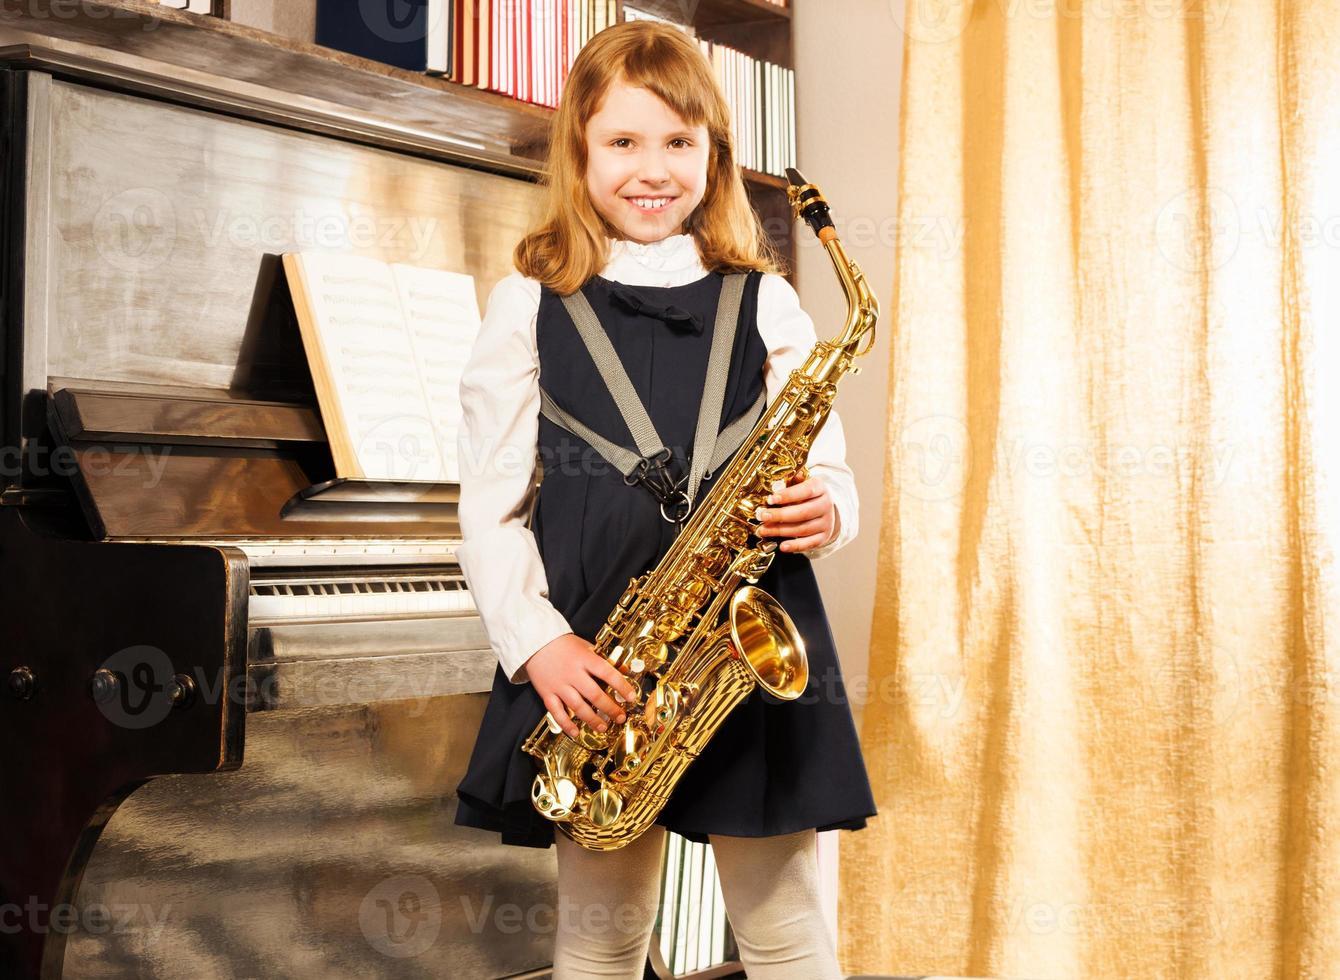 garota feliz em uniforme escolar segurando saxofone alto foto